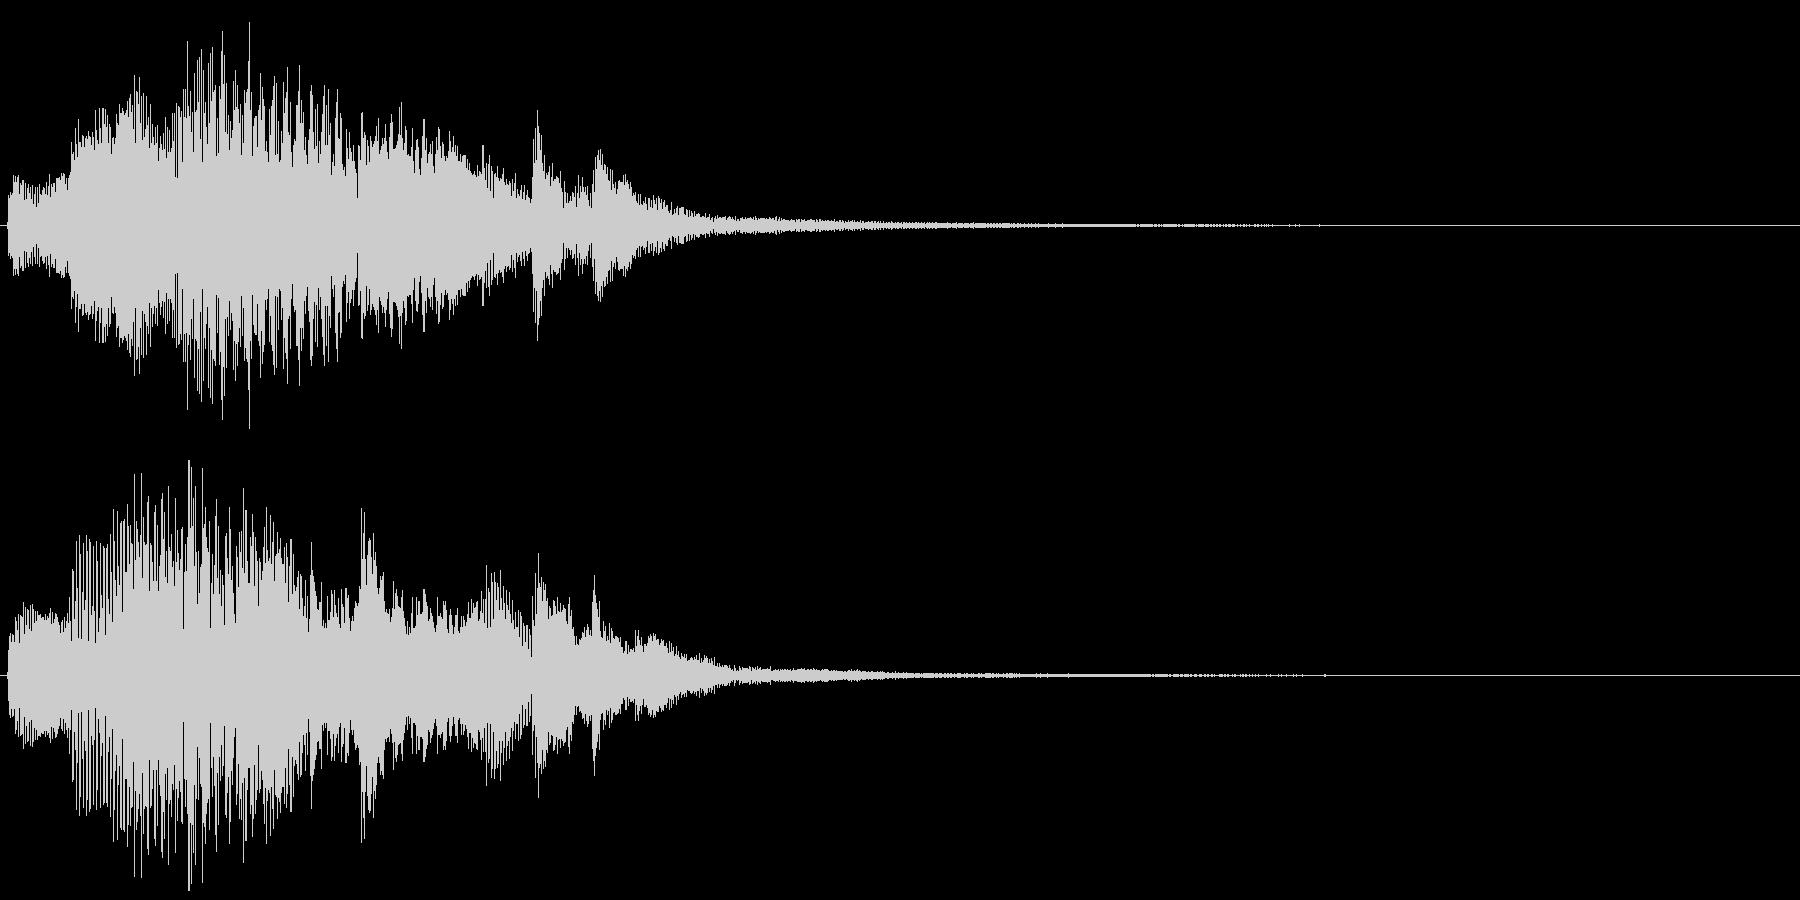 深刻なピアノのジングルの未再生の波形